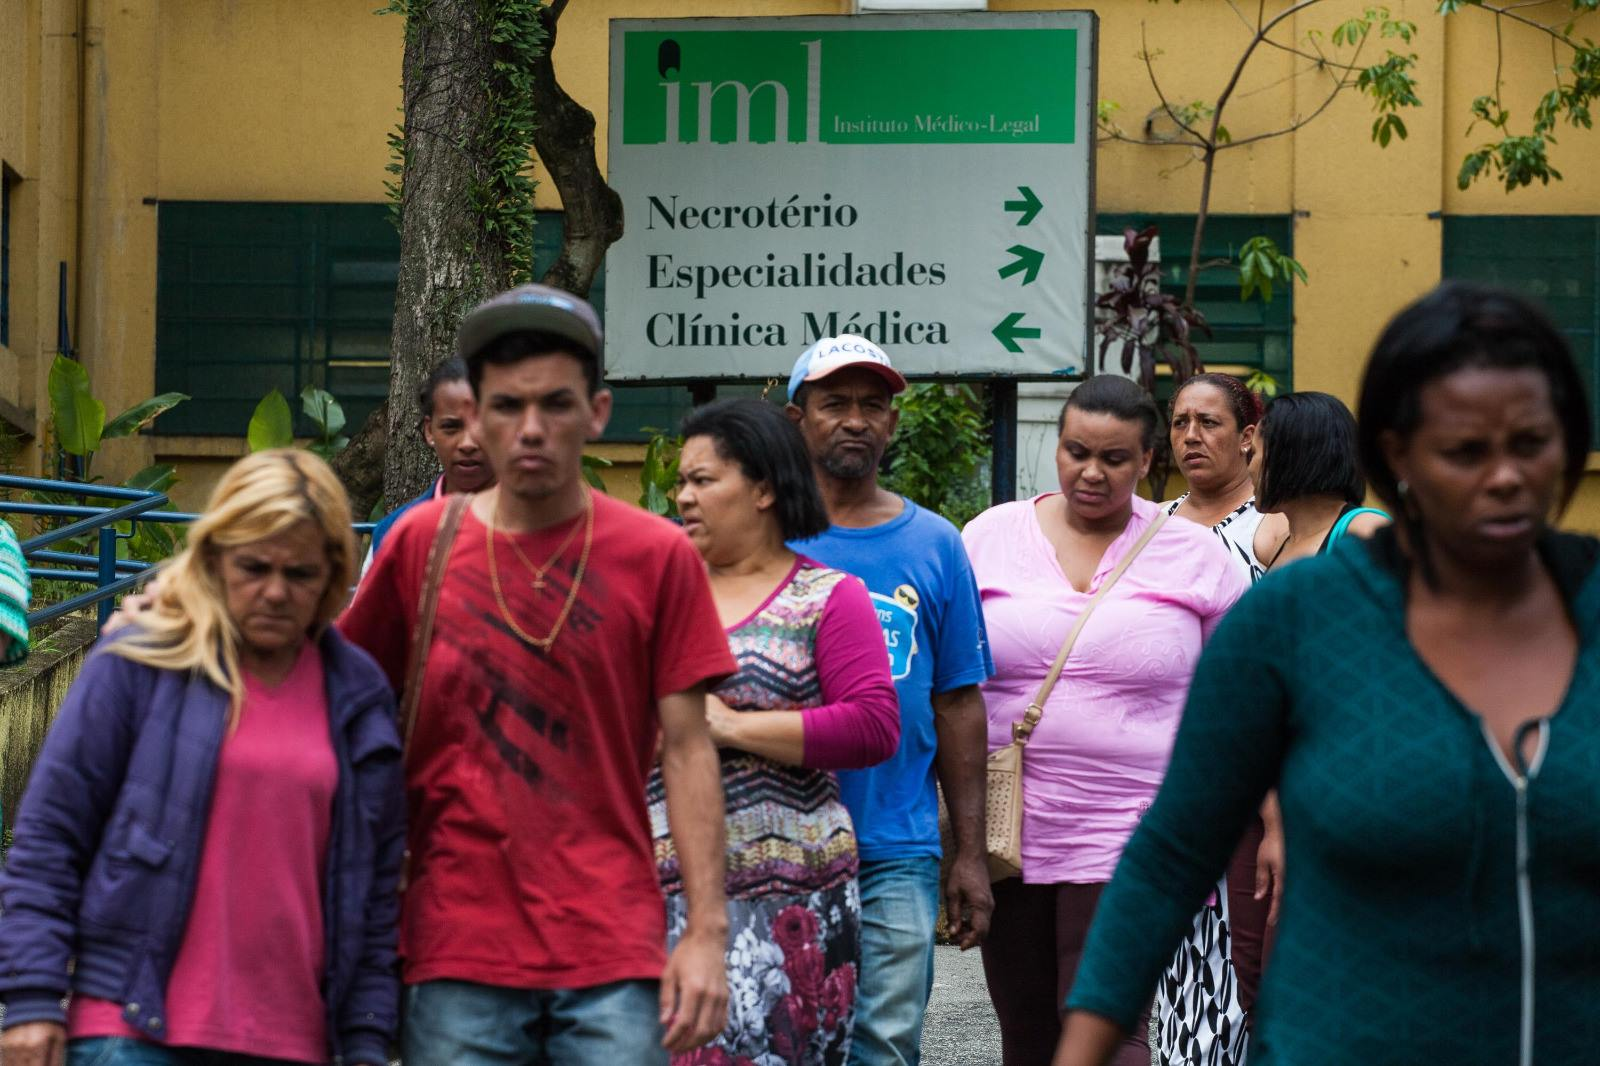 Familiares de jovens que estavam desaparecidos foram o IML Central de São Paulo na segunda-feira (07/11) tentar reconhecer os corpos - Foto: Sérgio Silva, da Ponte Jornalismo